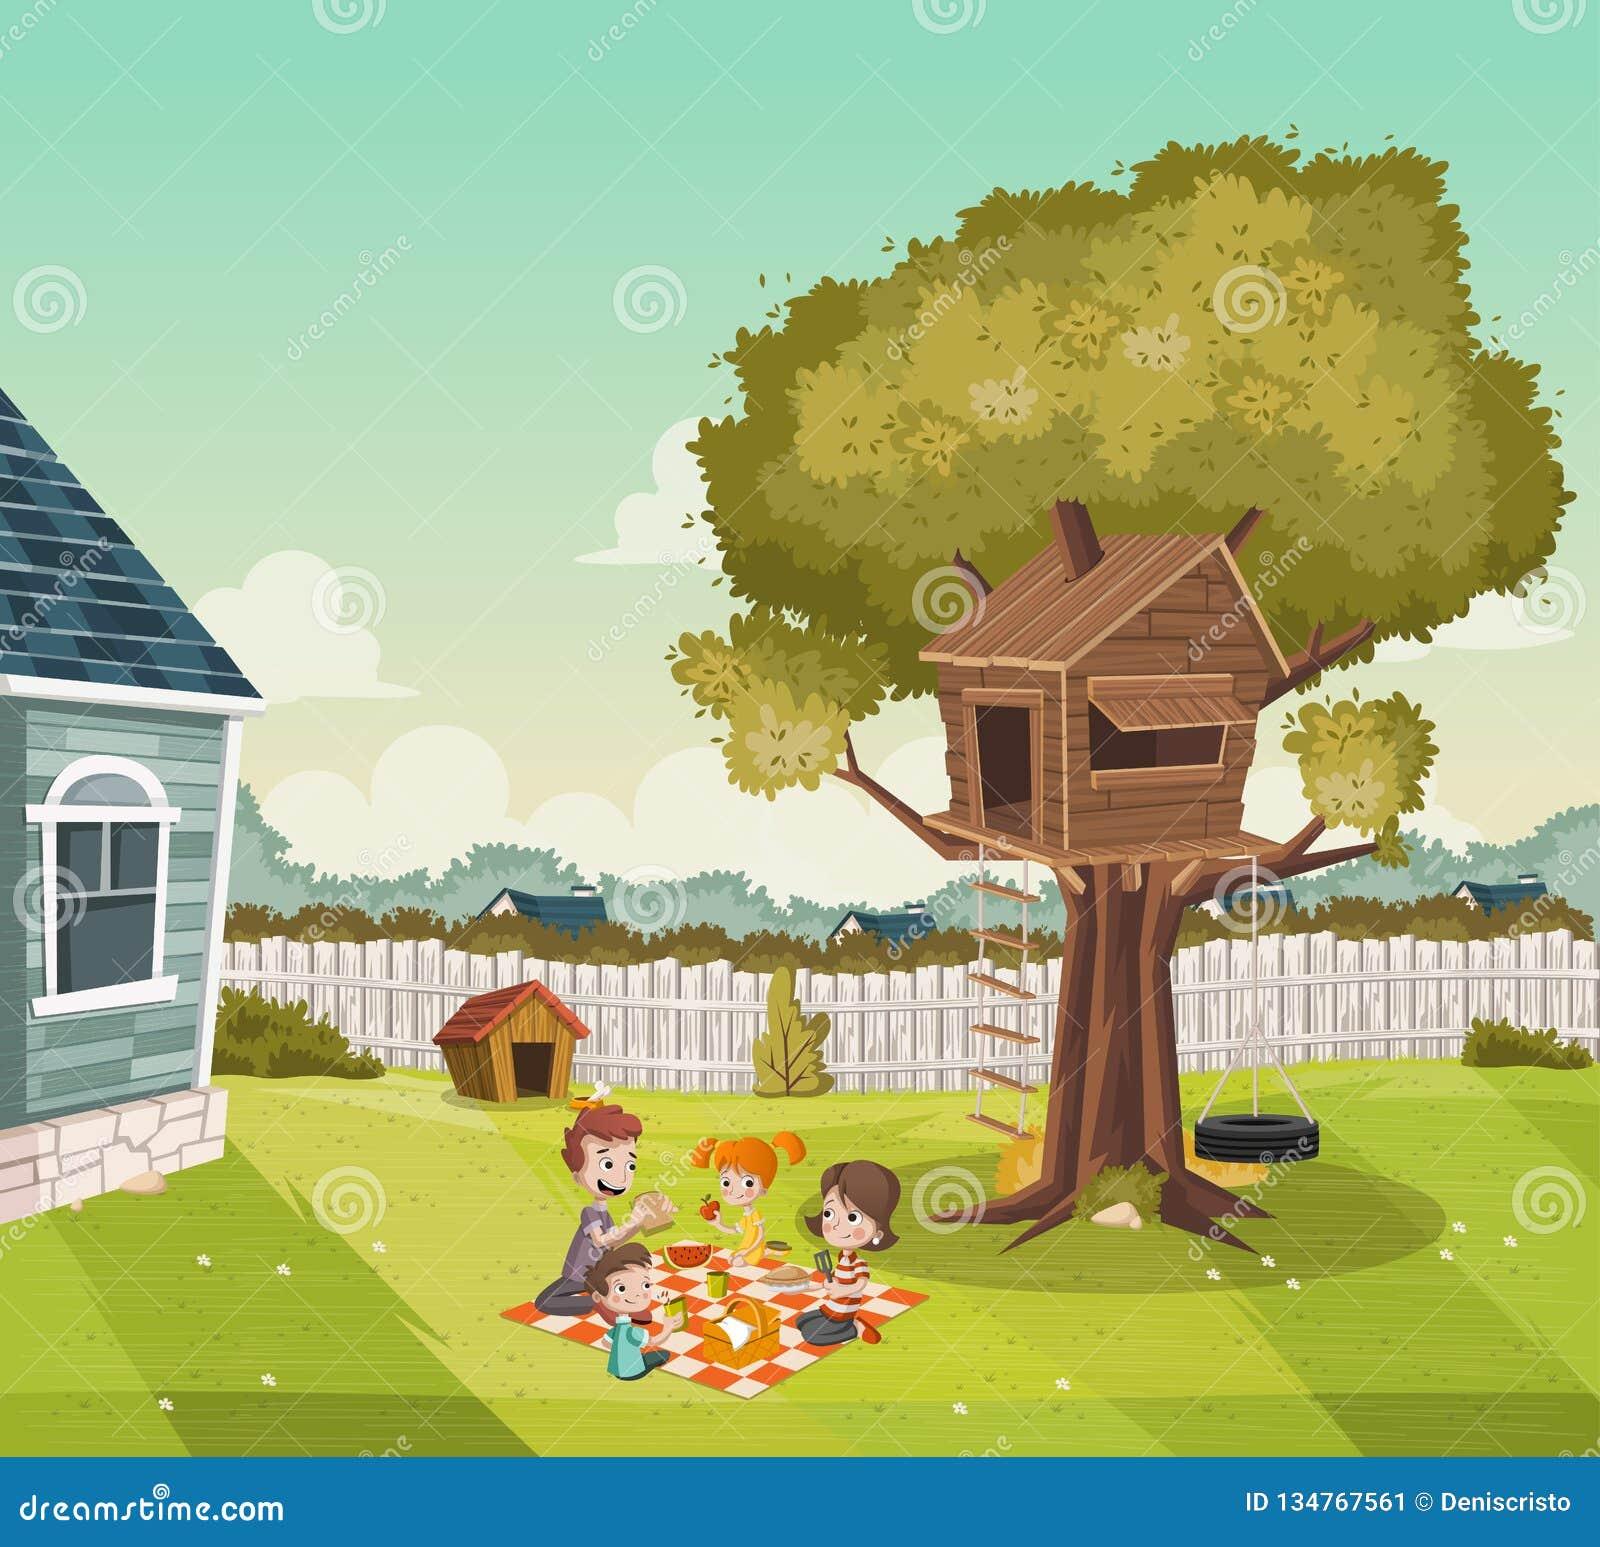 Karikaturfamilie, die Picknick auf dem Hinterhof eines bunten Hauses in der Vorortnachbarschaft hat Baumhaus auf dem Hinterhof